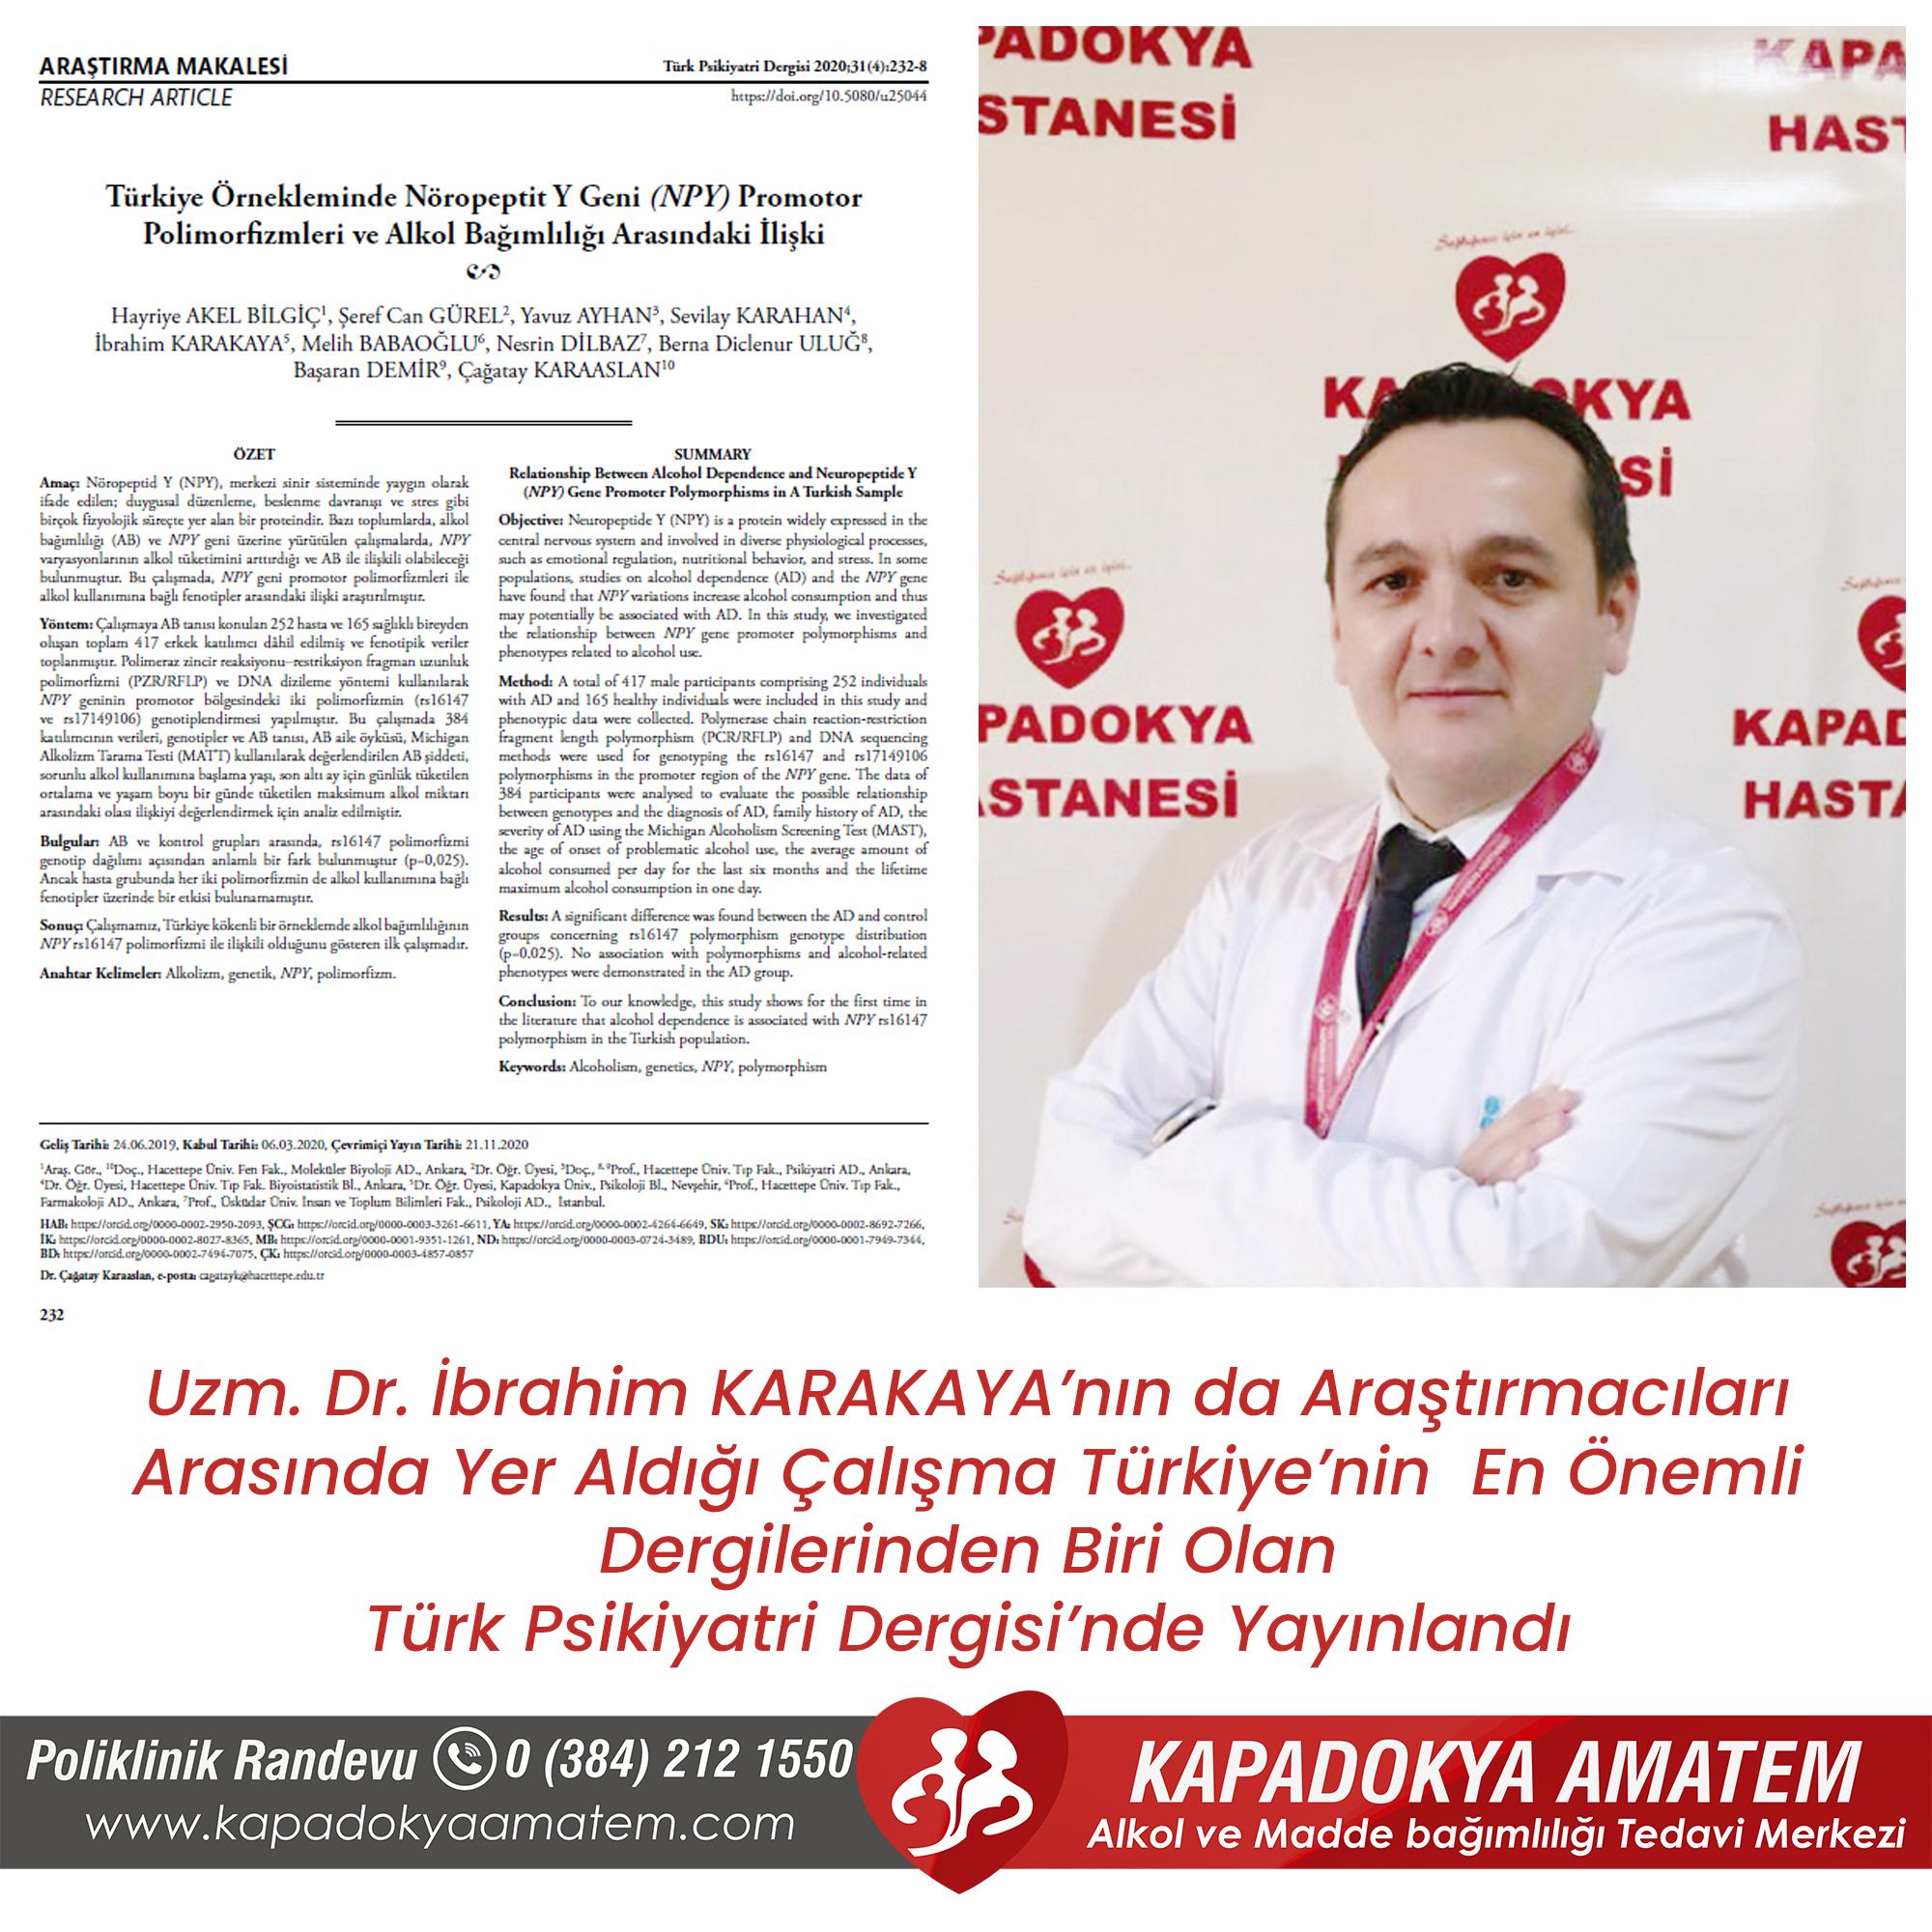 Uzm. Dr. İbrahim KARAKAYA'nın da Araştırmacıları Arasında Yer Aldığı Çalışma  Türkiye'nin En Önemli Dergilerinden Biri Olan Türk Psikiyatri Dergisi'nde Yayınlandı